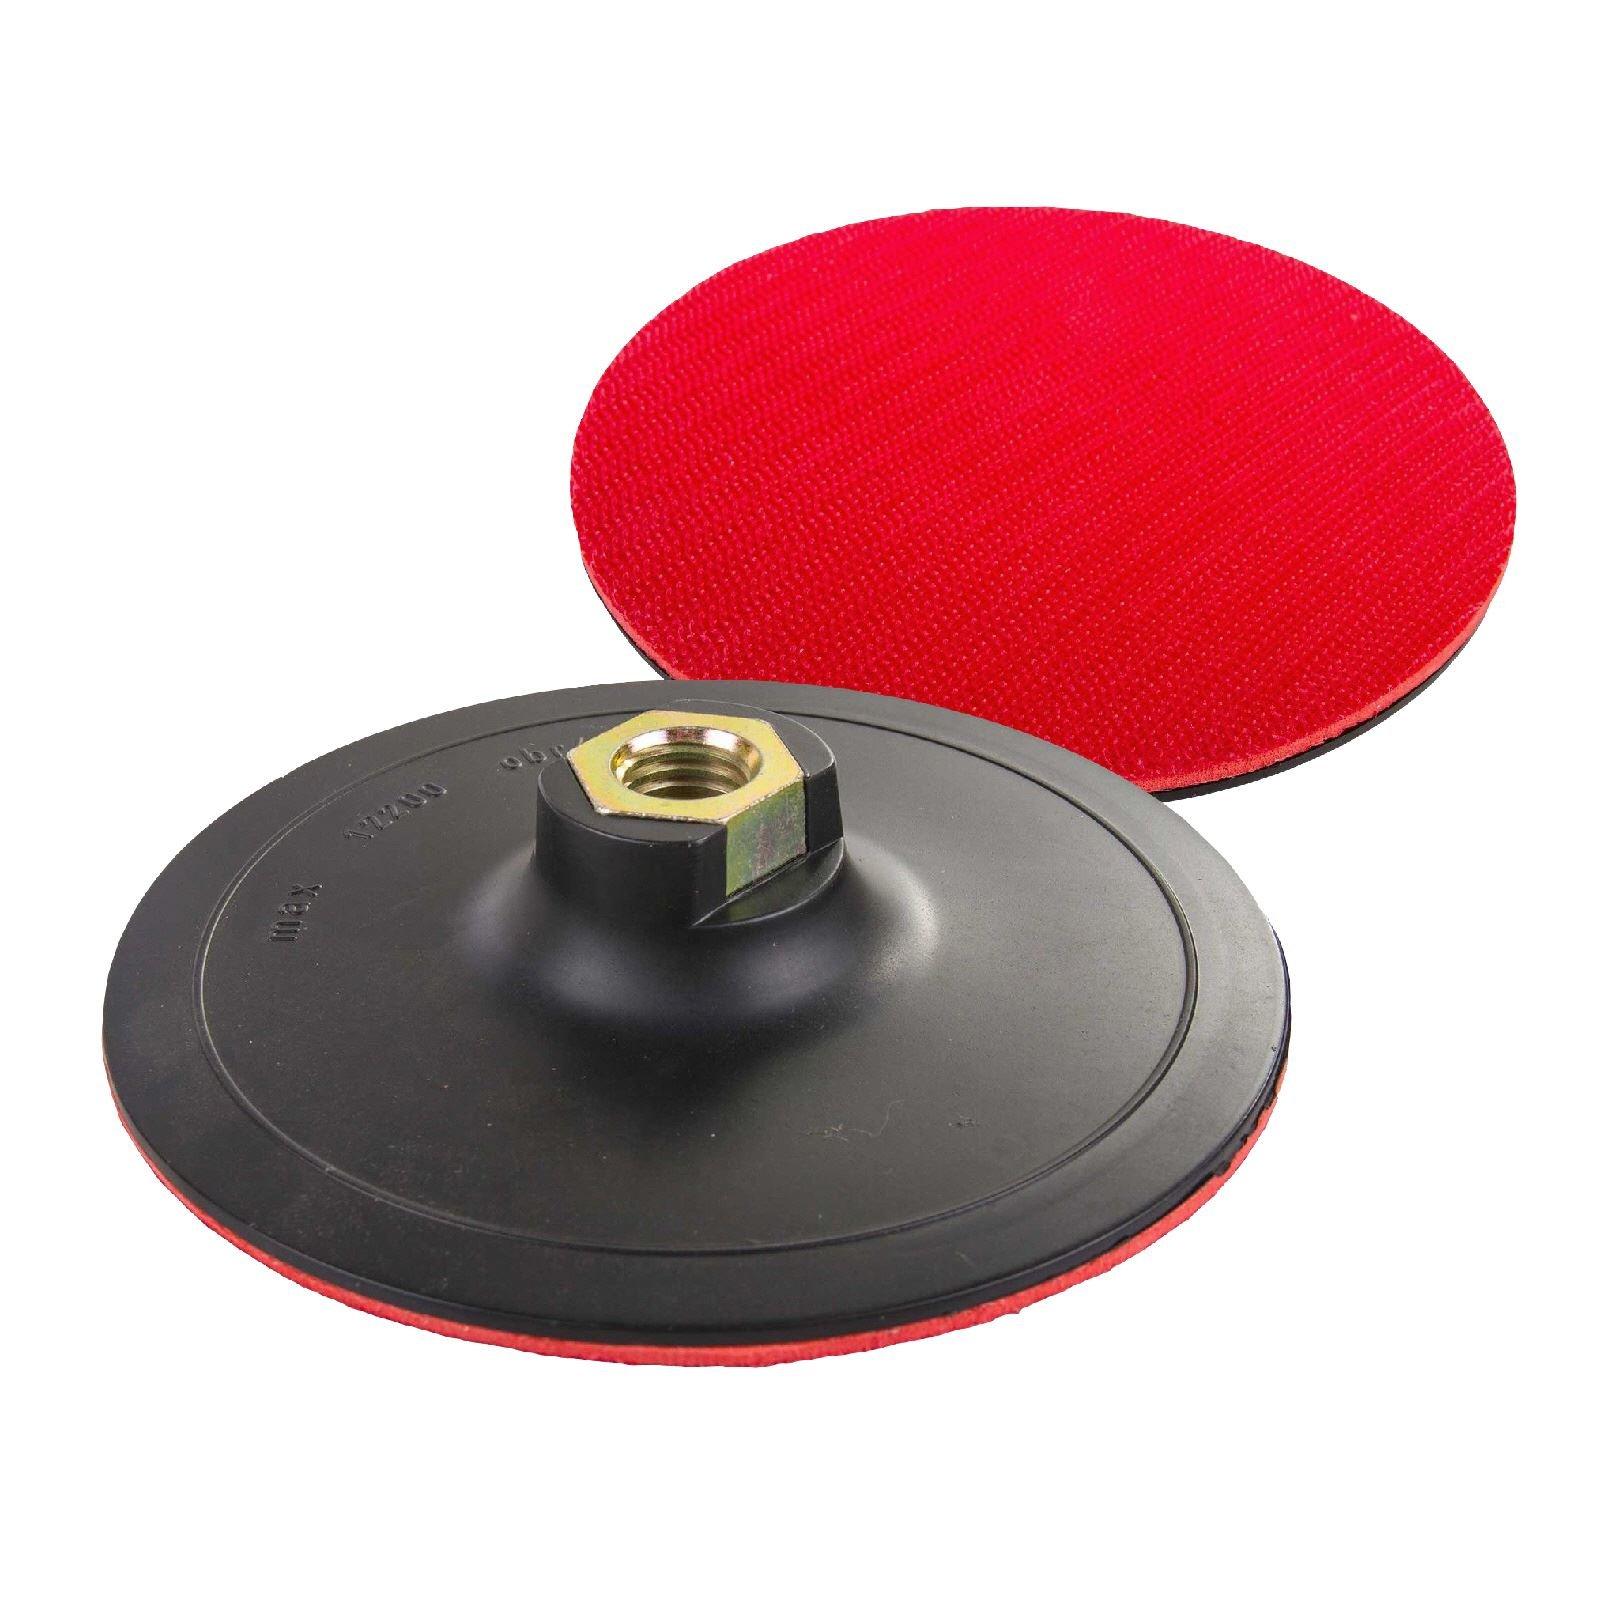 H-Smart Hook & Loop 125mm Rubber Backing Pad for Angle Grinder Sander Polisher Discs M14